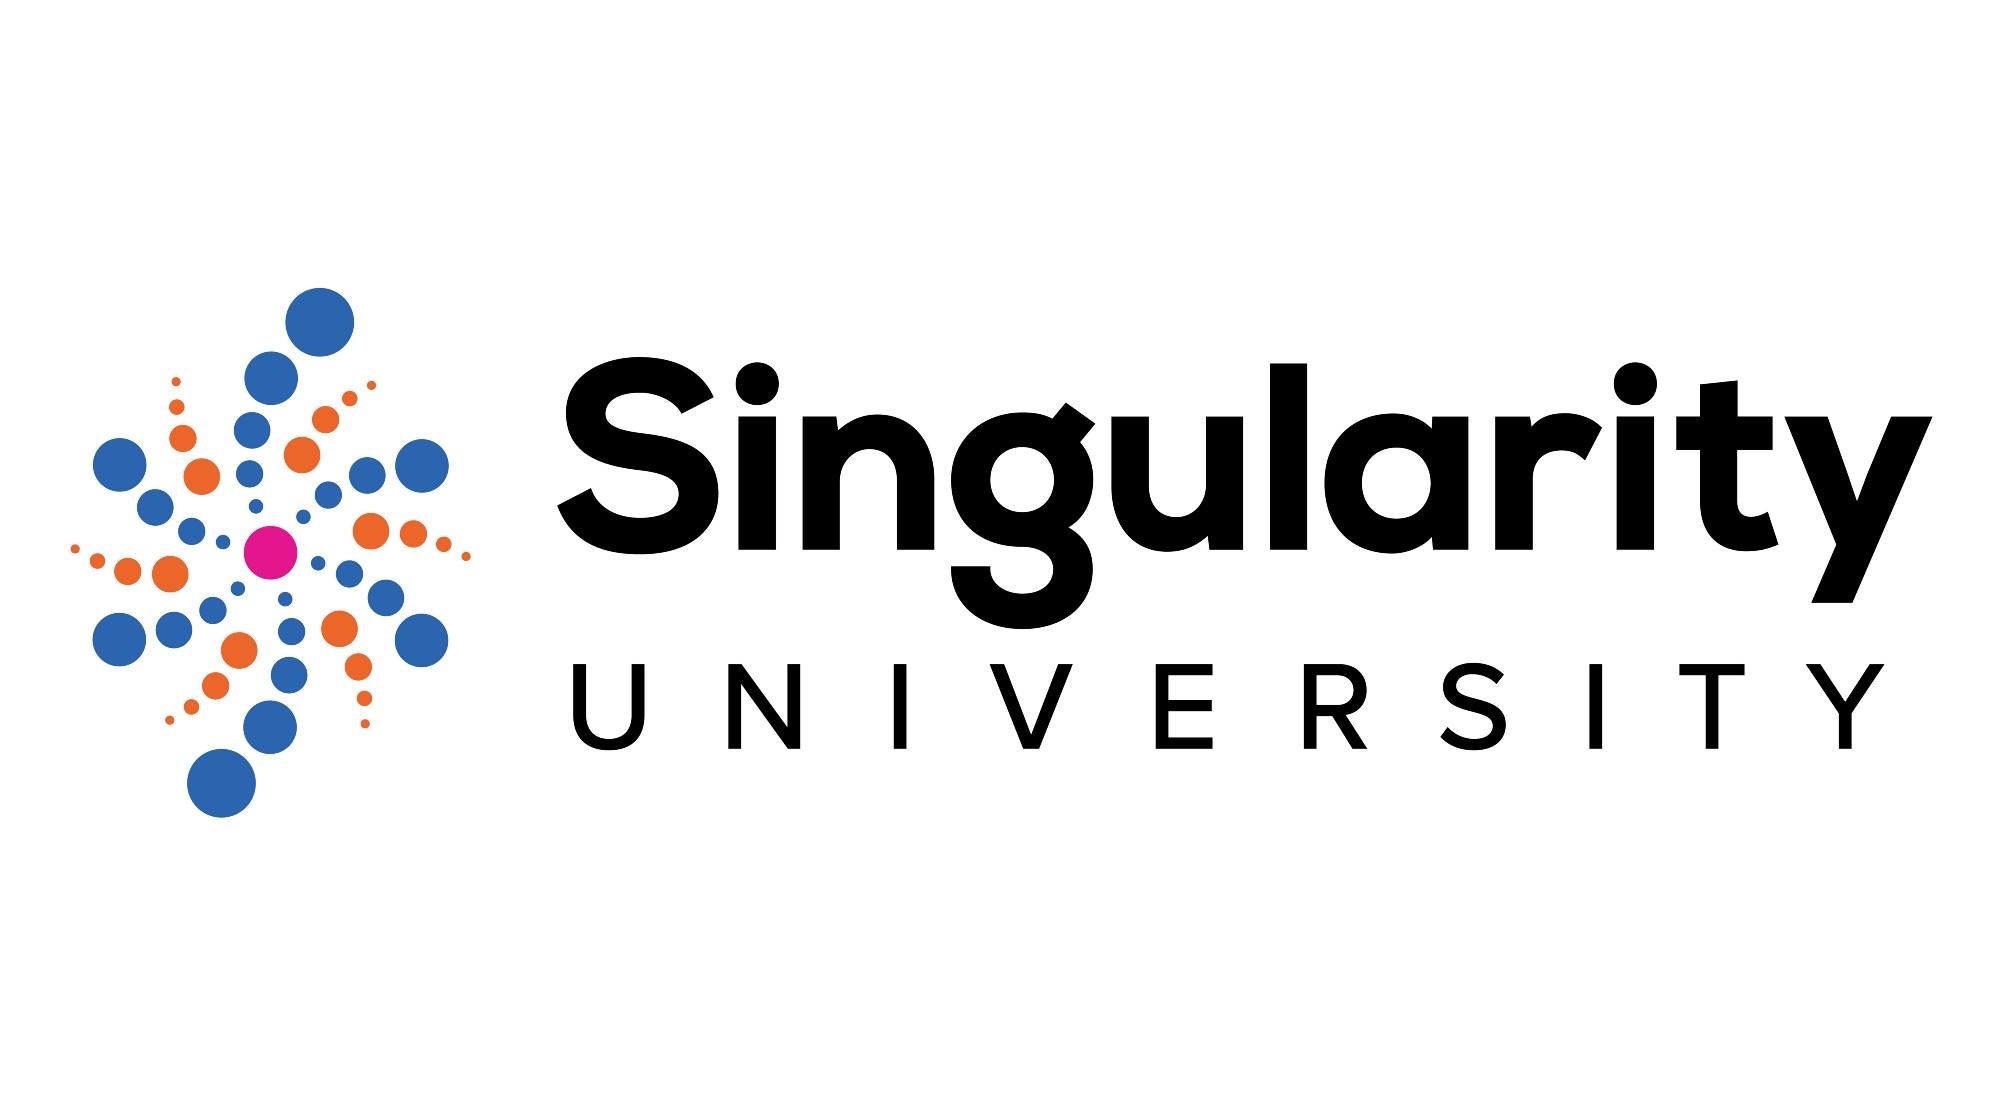 singularity university.jpg